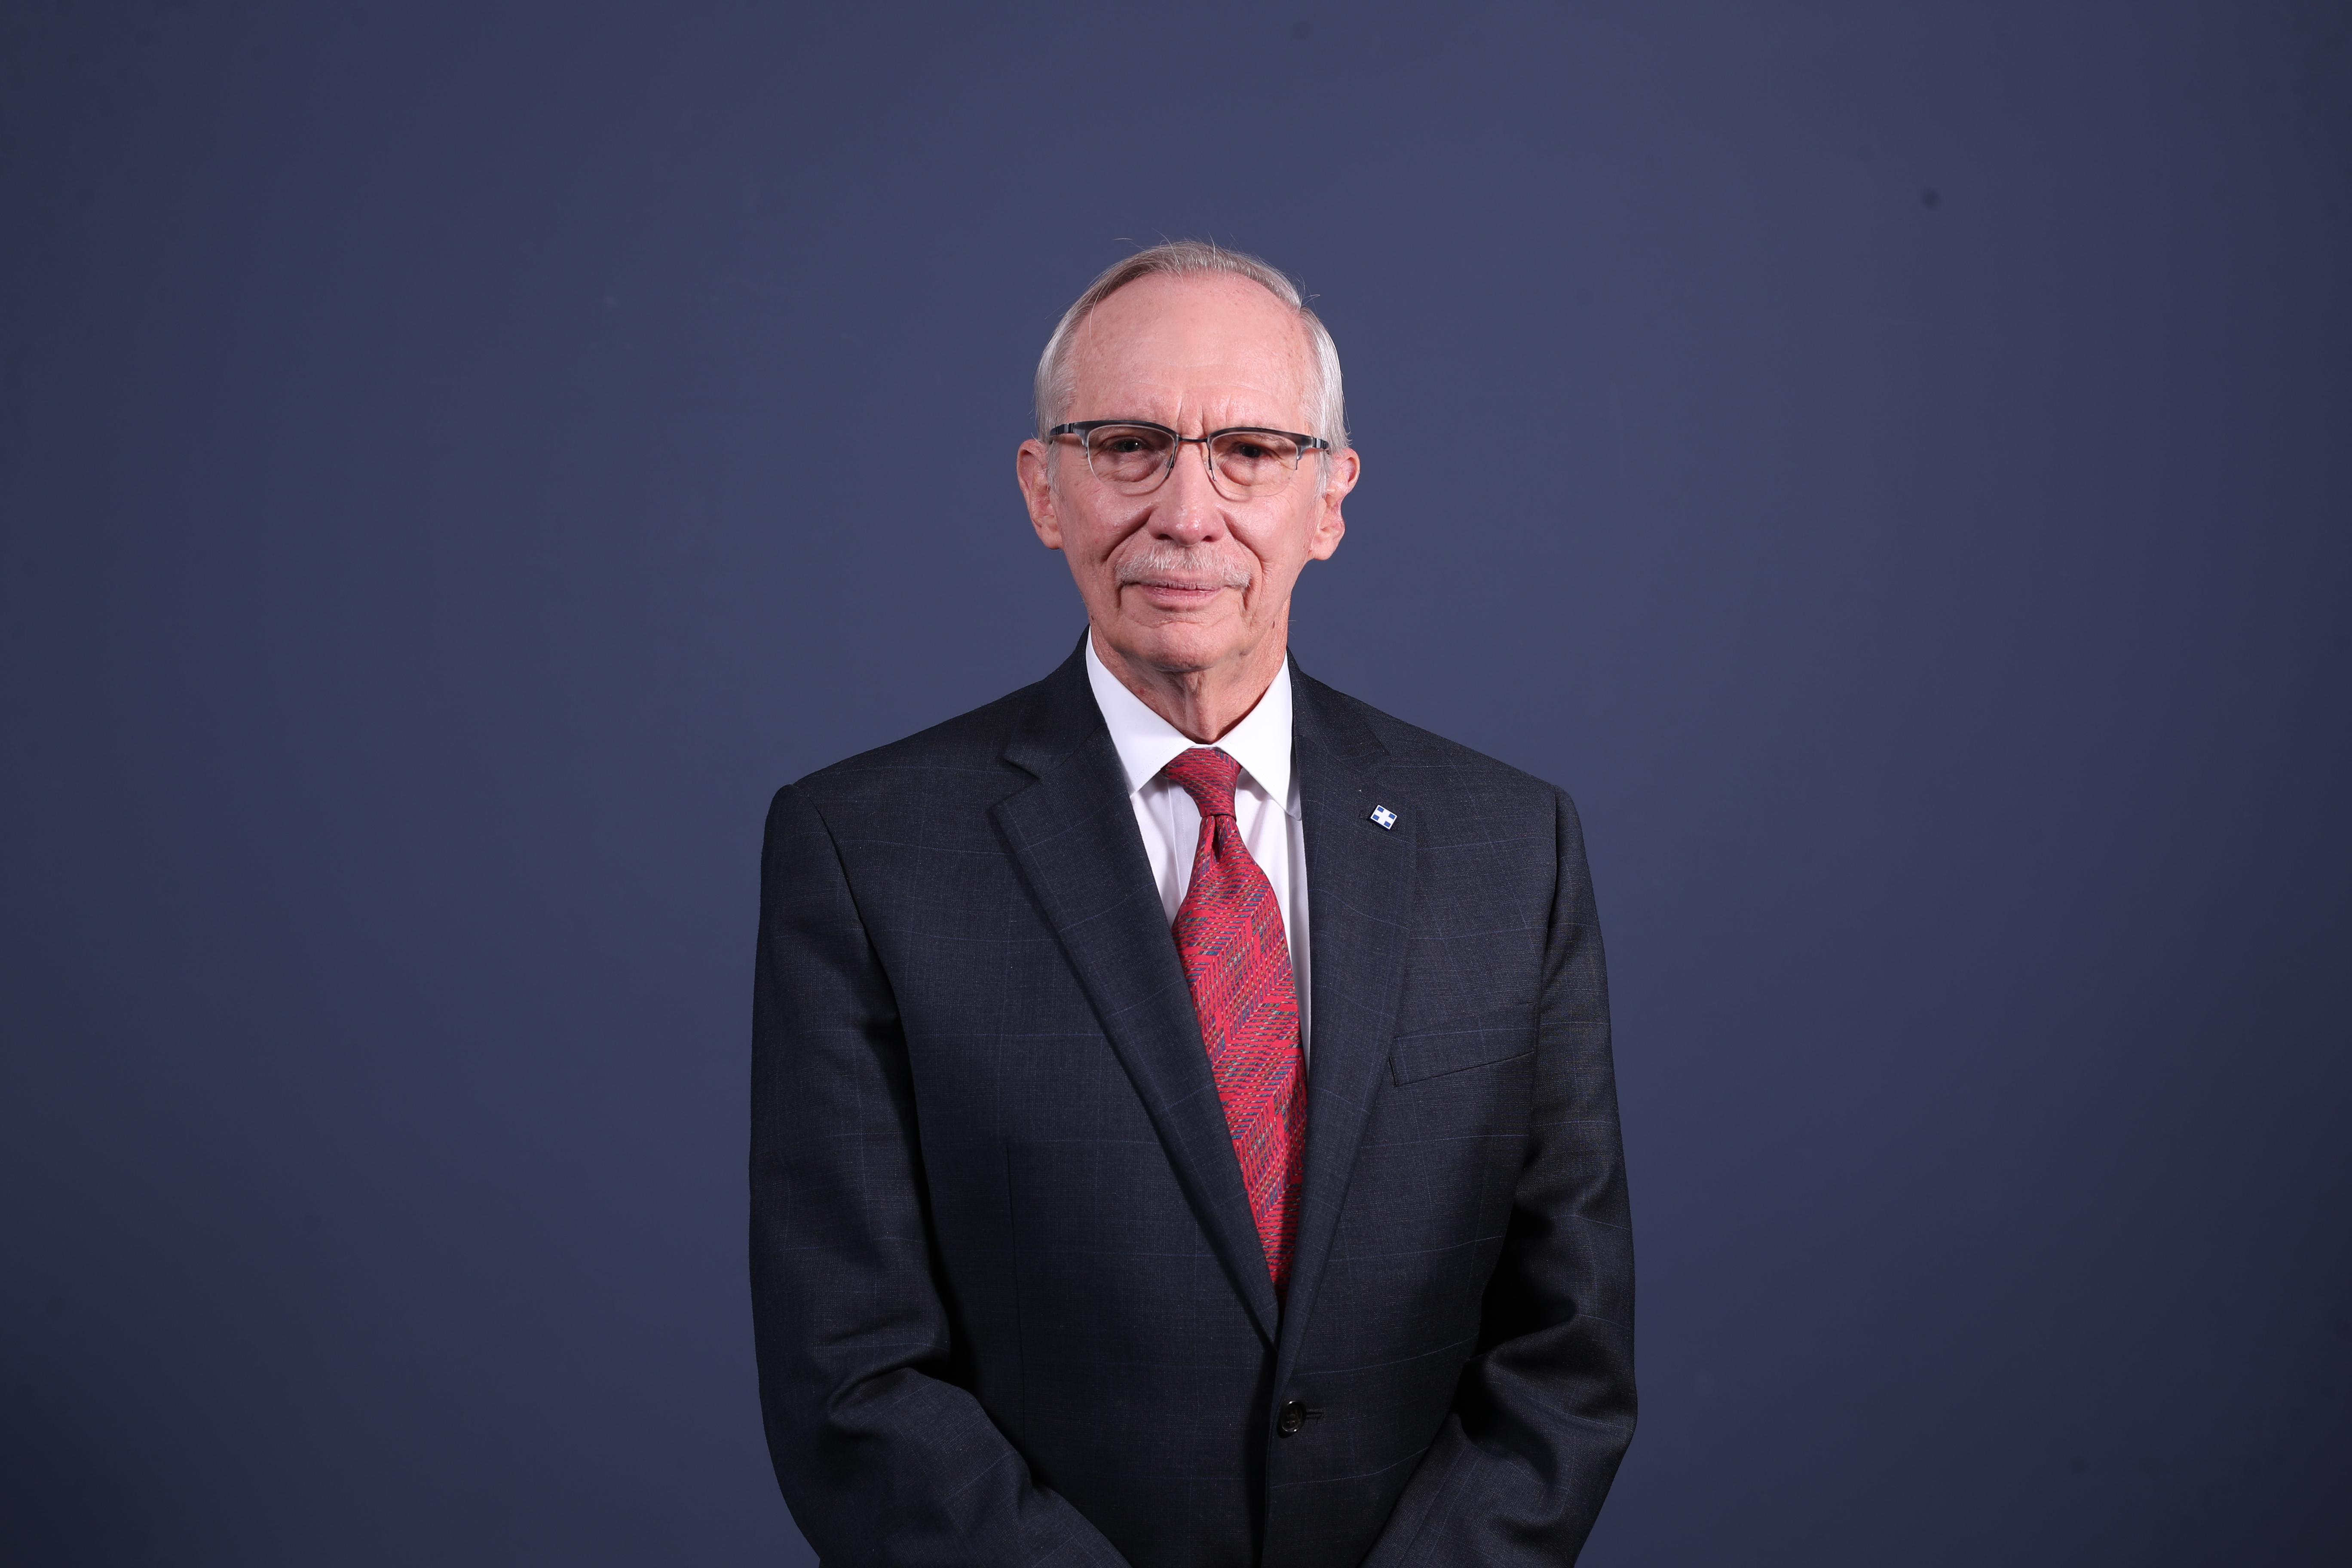 Edmond Mulet, abogado, periodista y político, aspira a la Presidencia por el Partido Humanista. (Foto Prensa Libre: Érick Ávila)